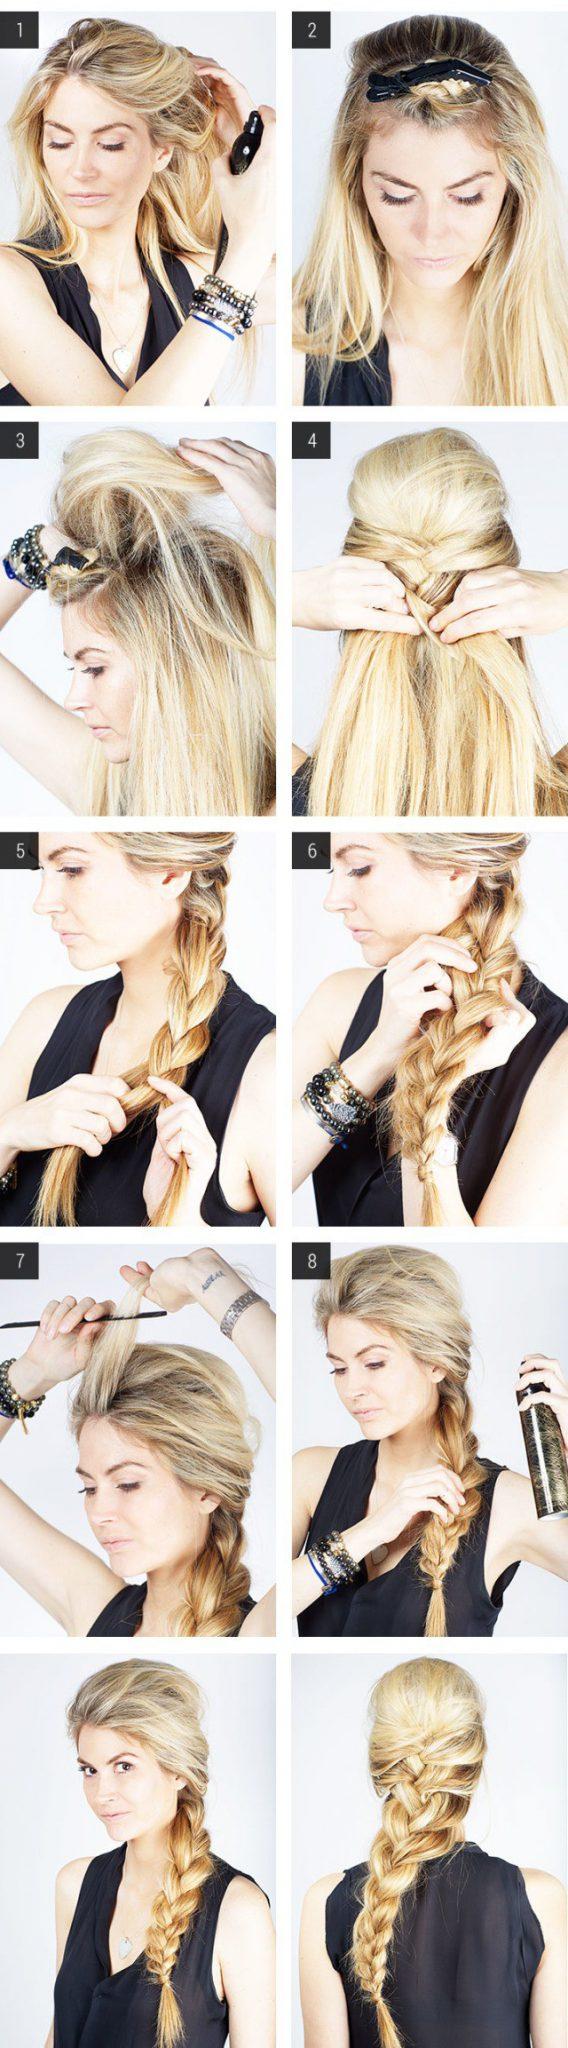 как заплсети объемную косу